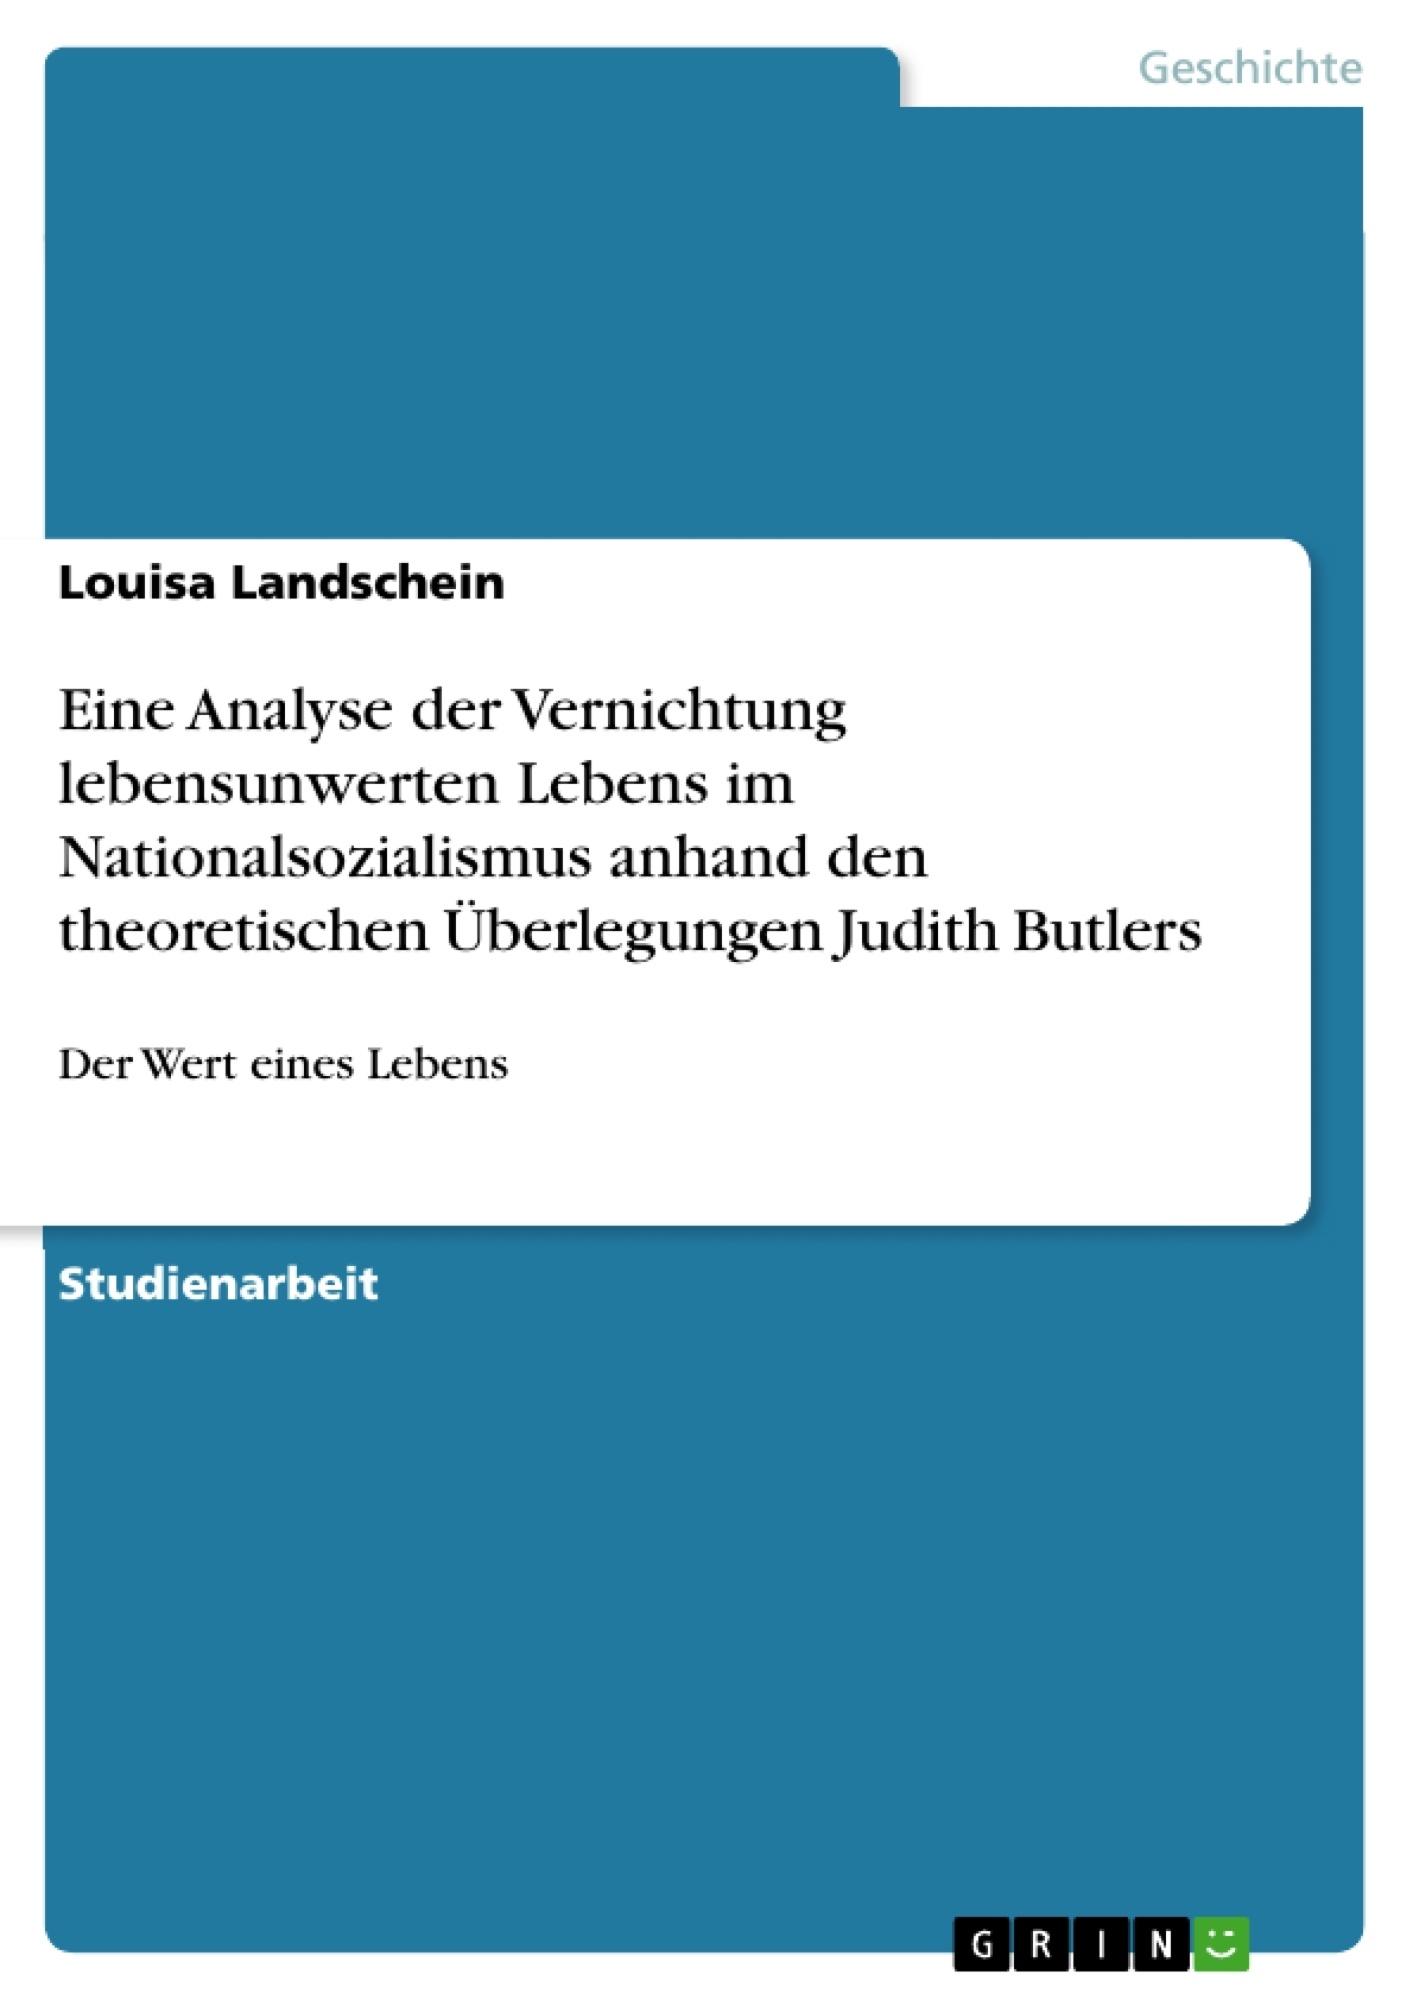 Titel: Eine Analyse der Vernichtung lebensunwerten Lebens im Nationalsozialismus anhand den theoretischen Überlegungen Judith Butlers